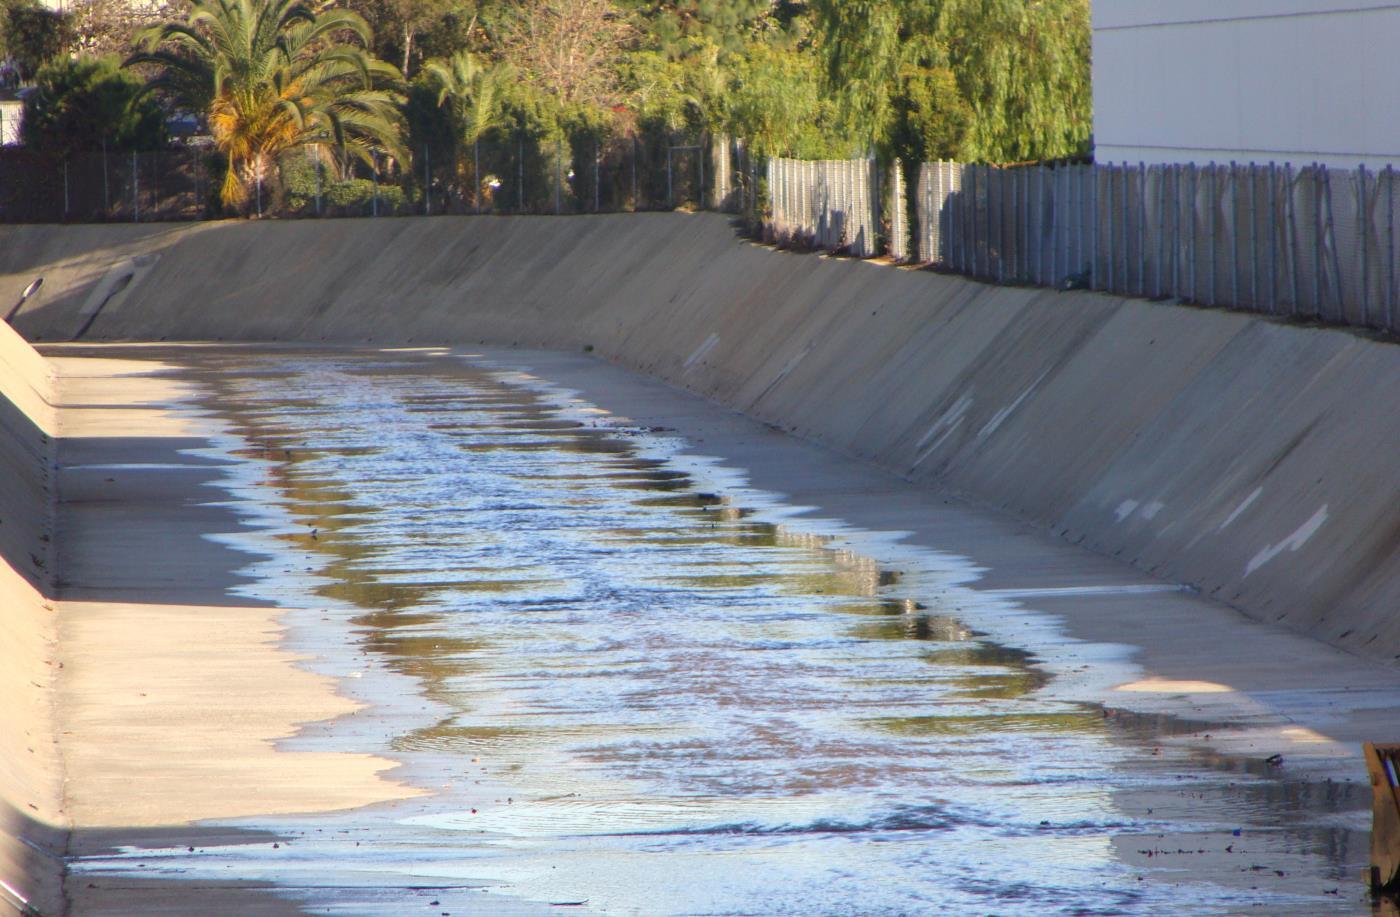 Storm Water El Cajon Ca